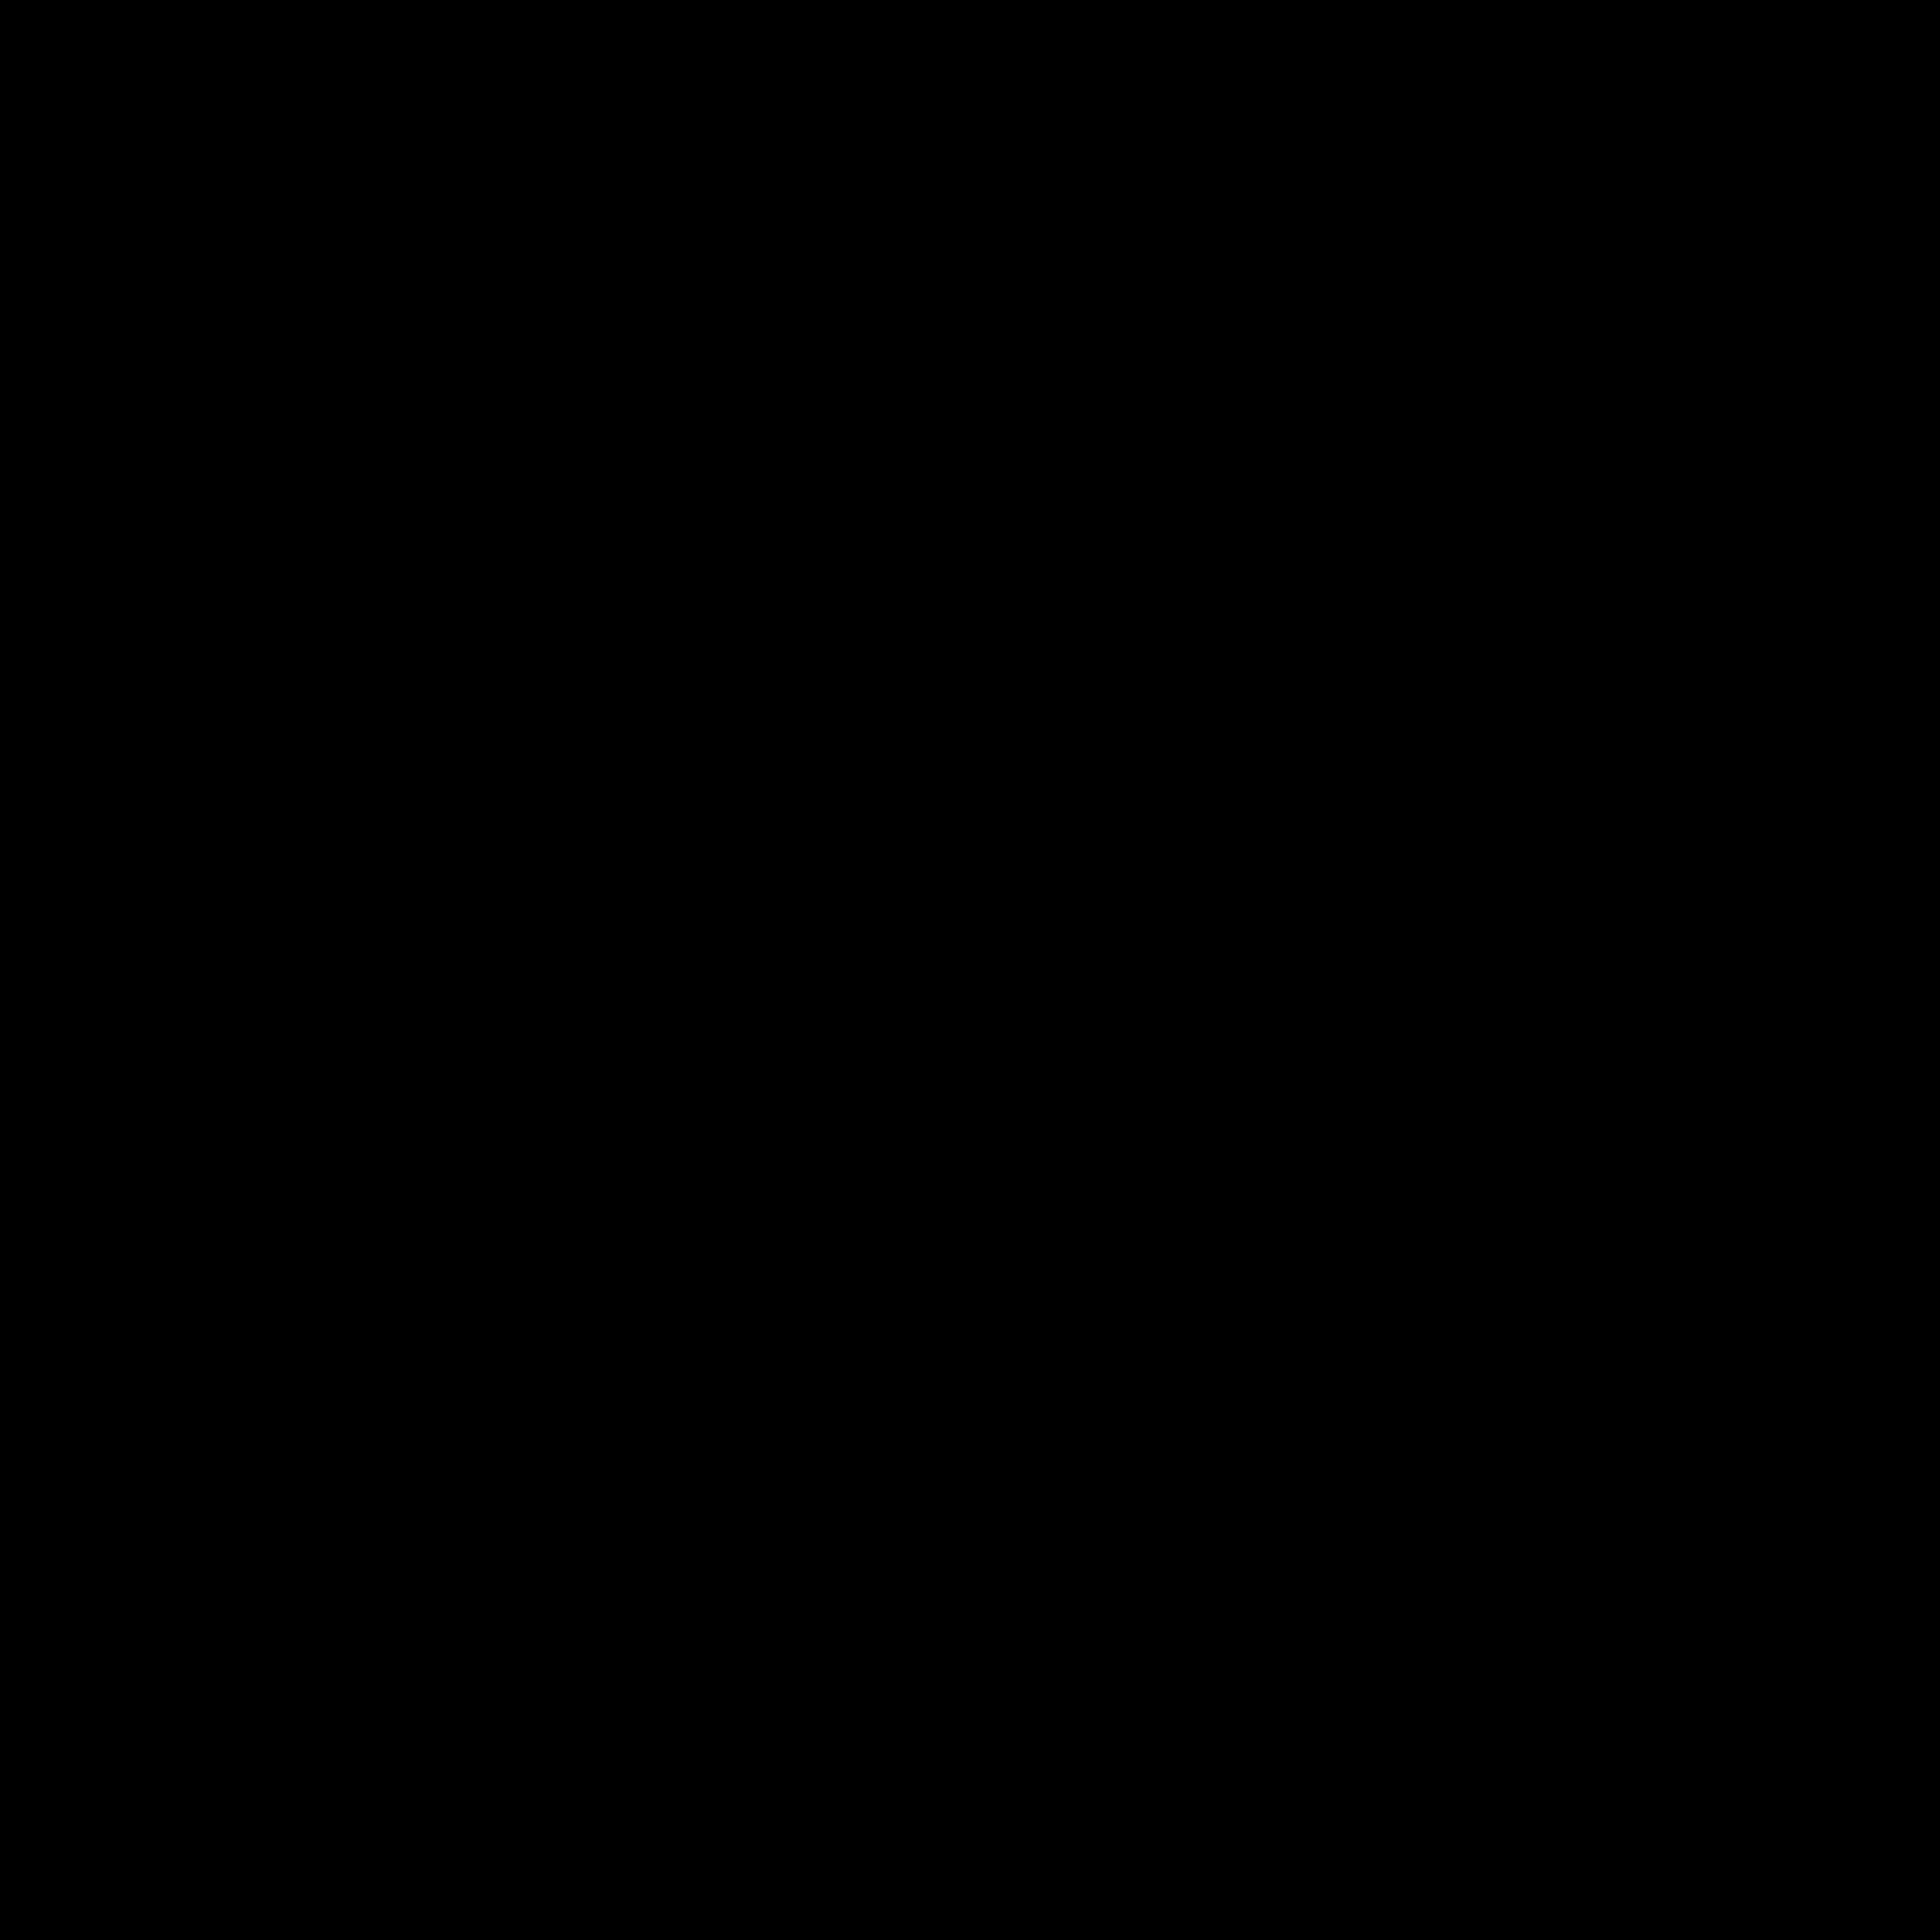 أهمية التحكم في مستويات الكوليسترول وطرق بسيطة لتحقيق ذلك